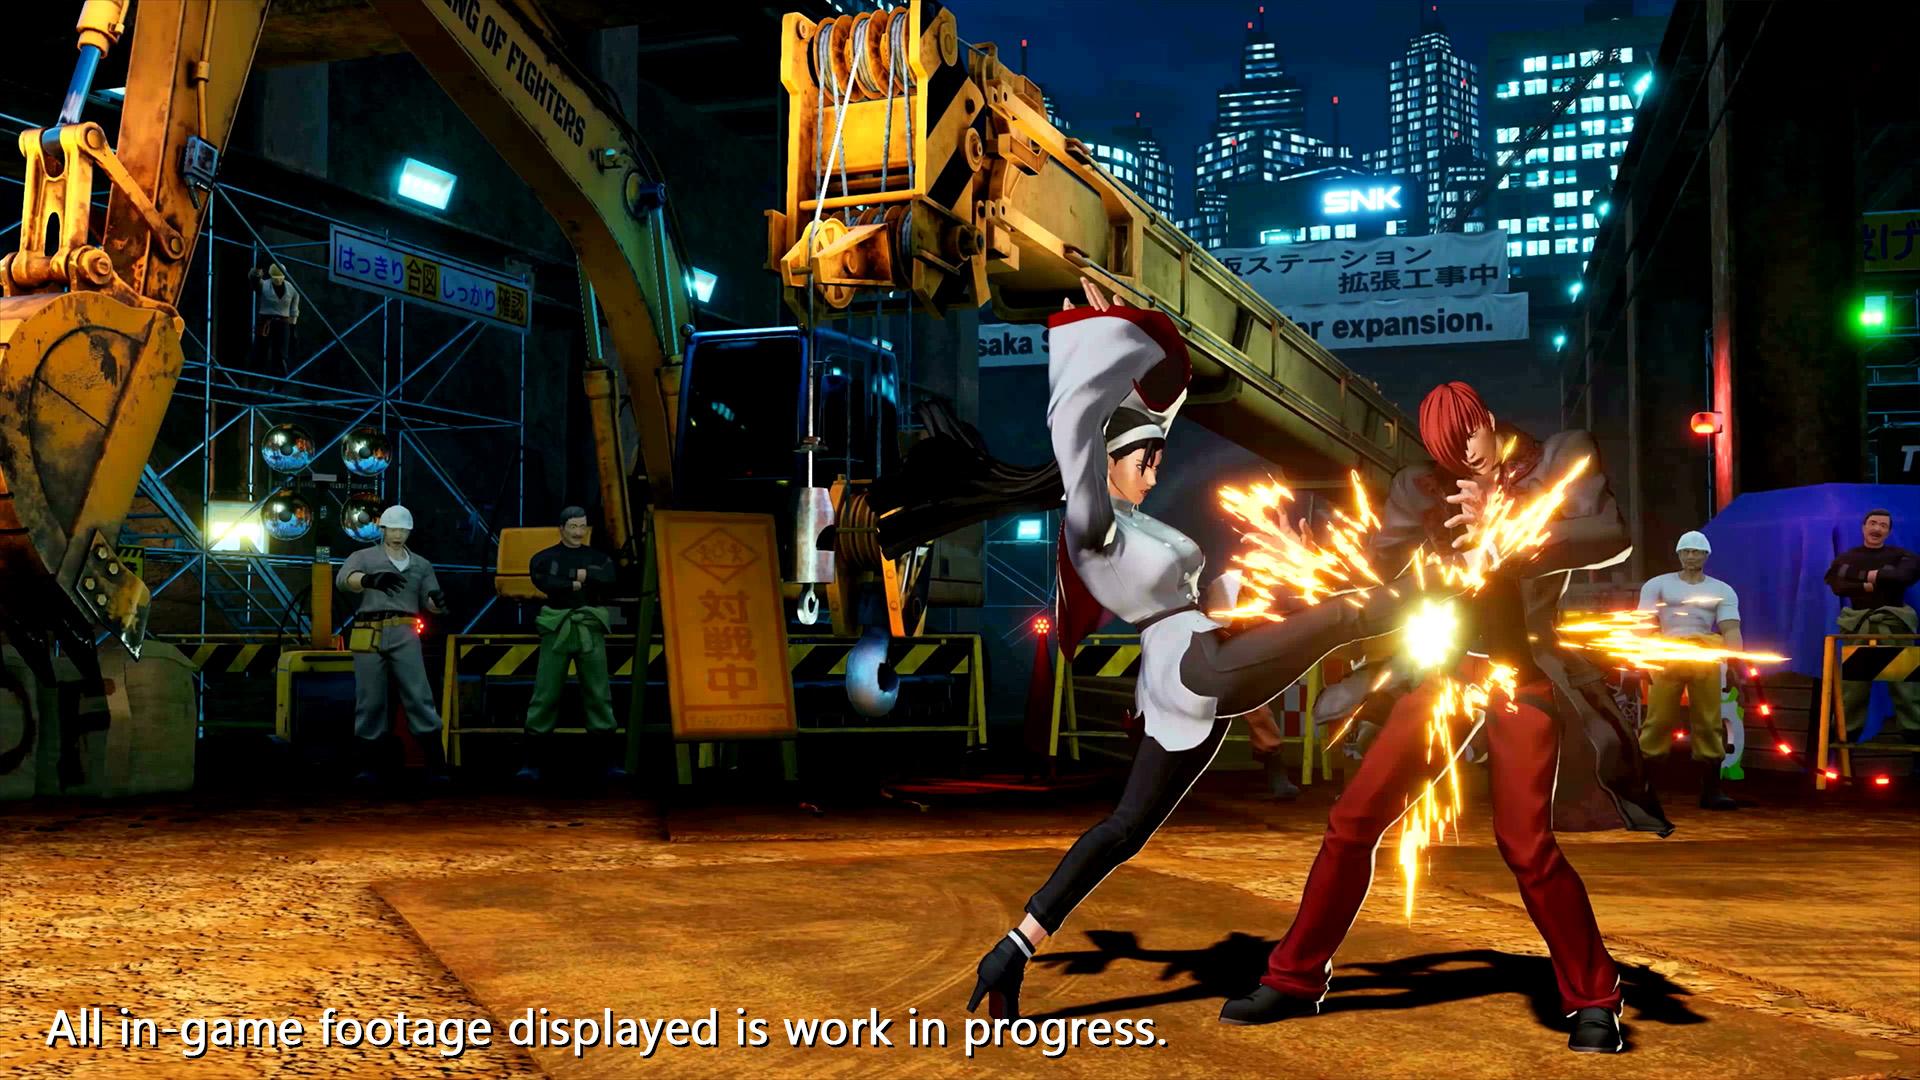 「THE KING OF FIGHTERS XV」、神楽ちづるのキャラクタートレーラーを公開